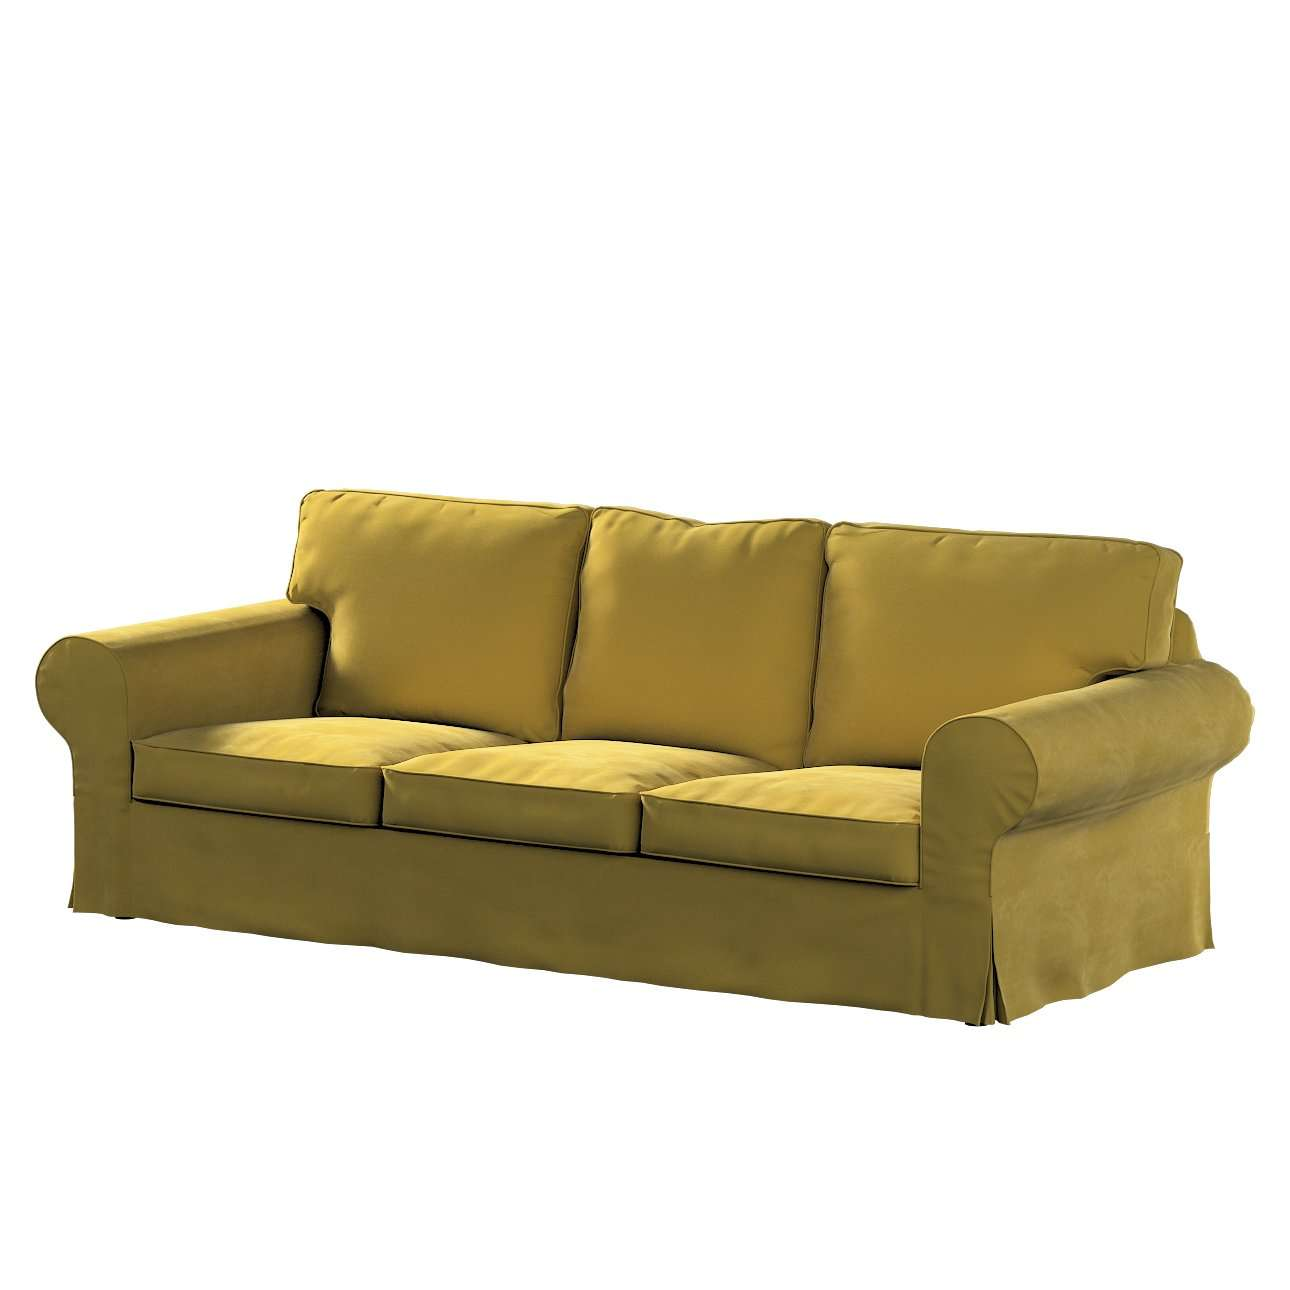 Pokrowiec na sofę Ektorp 3-osobową, nierozkładaną w kolekcji Velvet, tkanina: 704-27